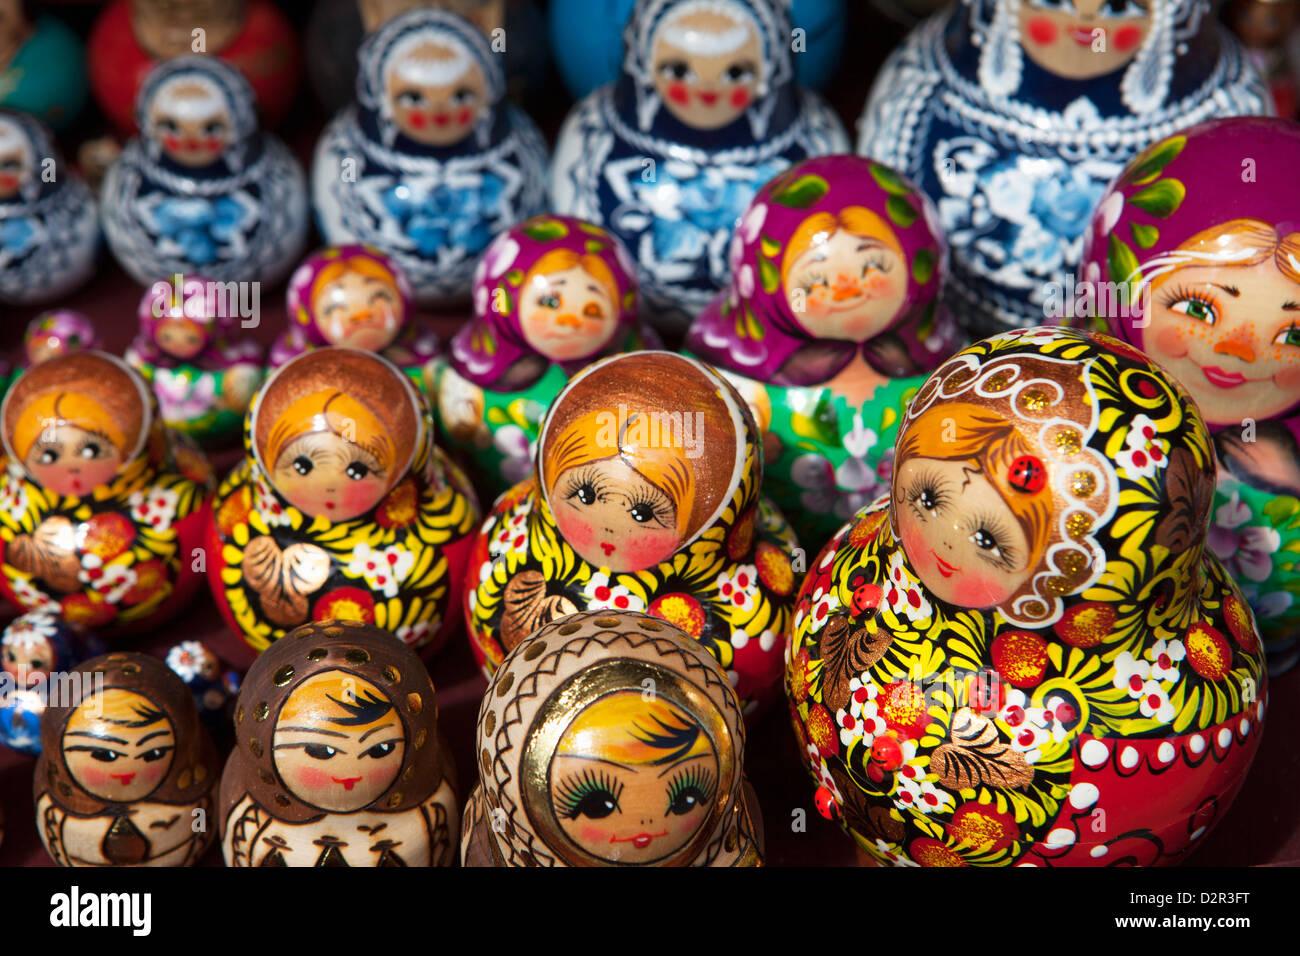 Decorativi bambole russe per la vendita, San Pietroburgo, Russia, Europa Immagini Stock